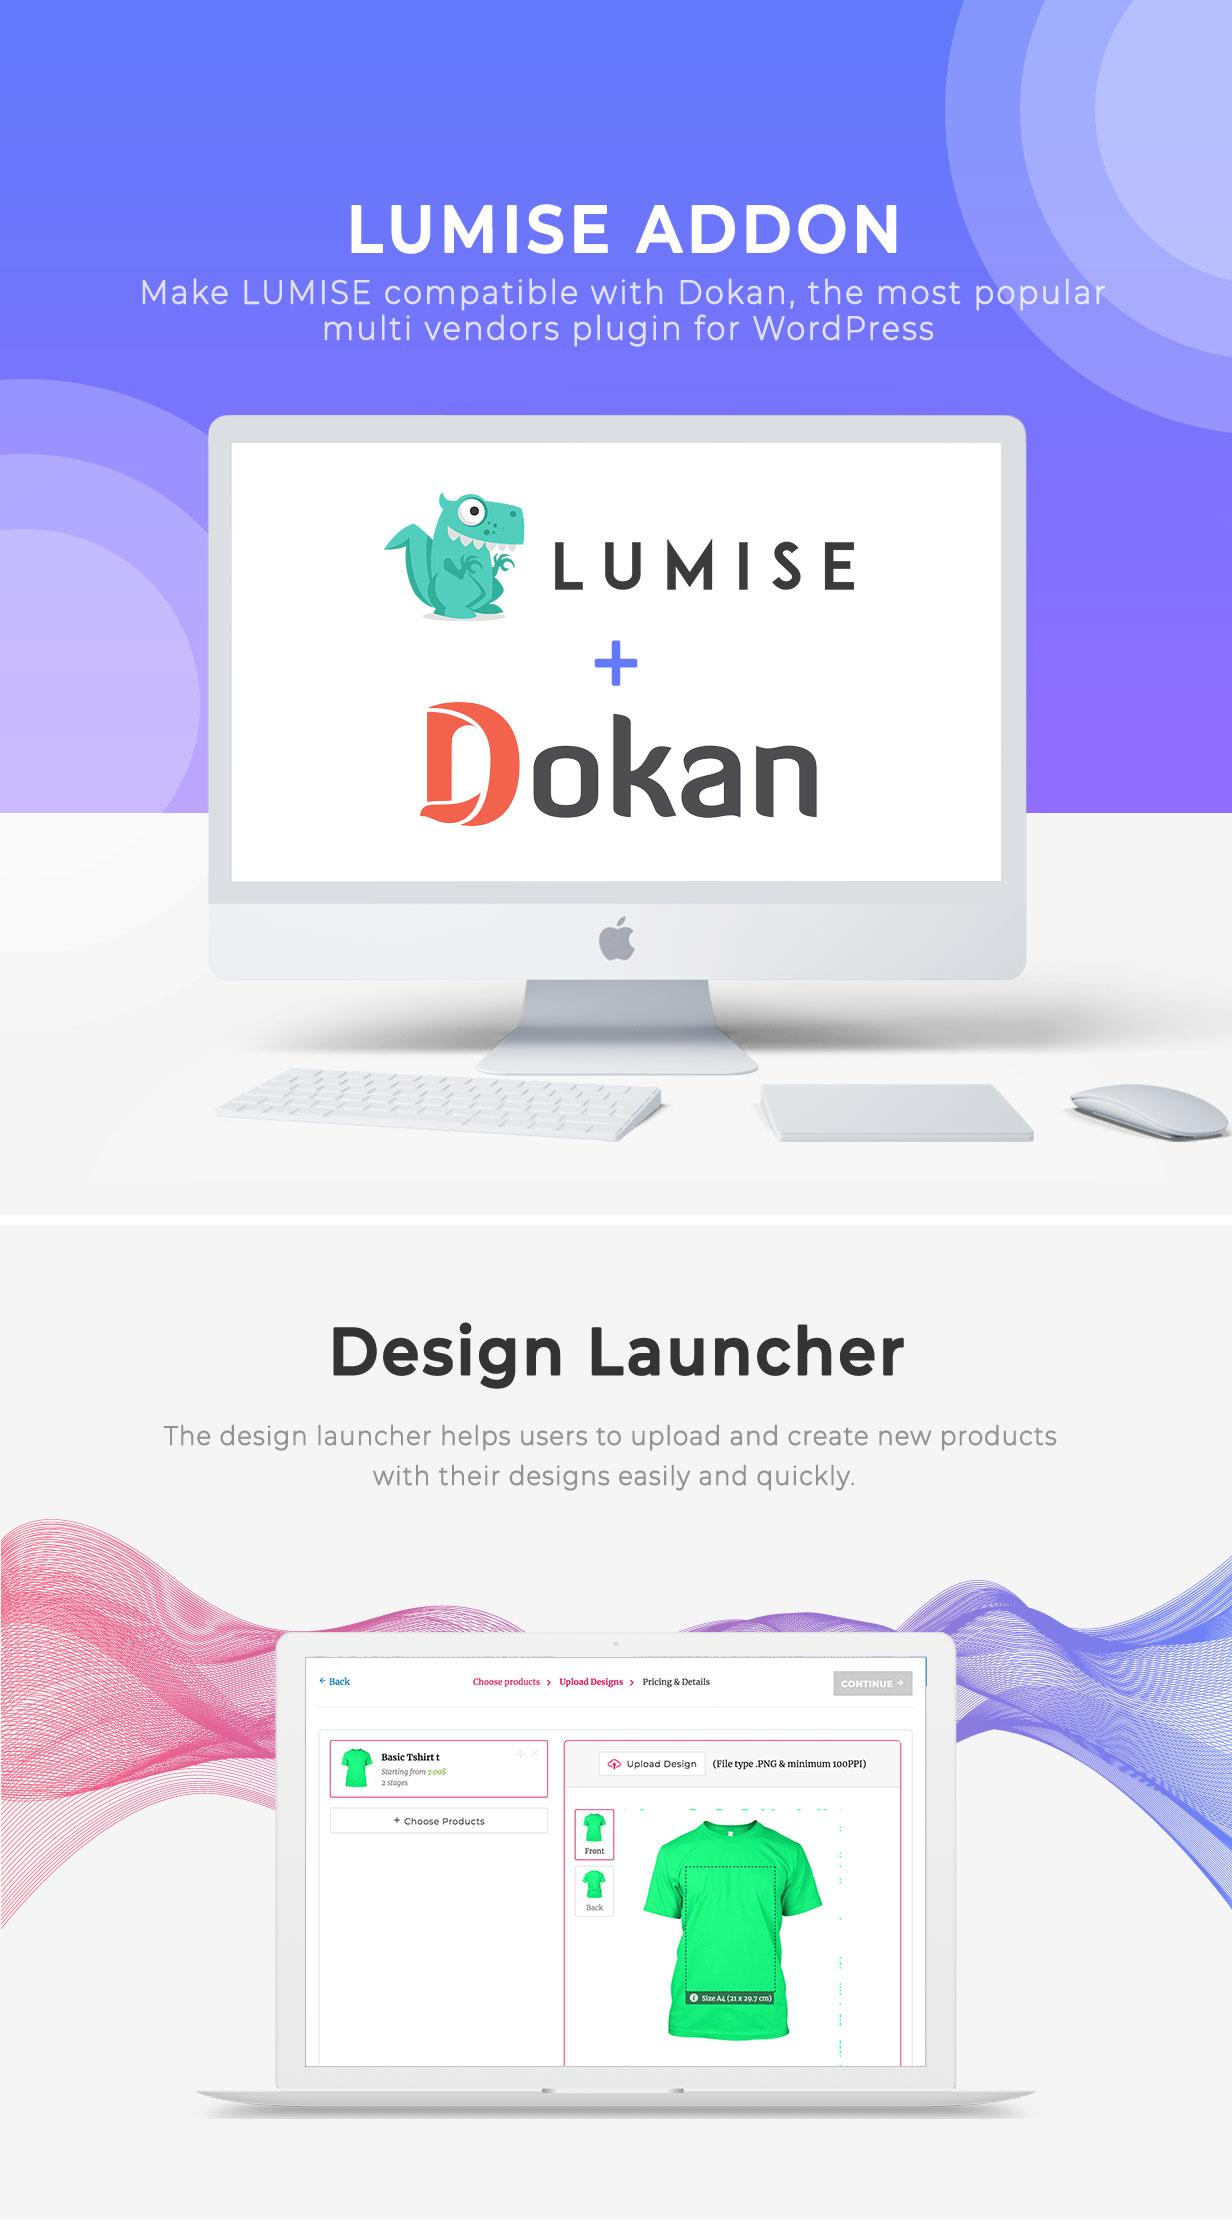 Vendors & Design Launcher Addon for LUMISE Product Designer - 1